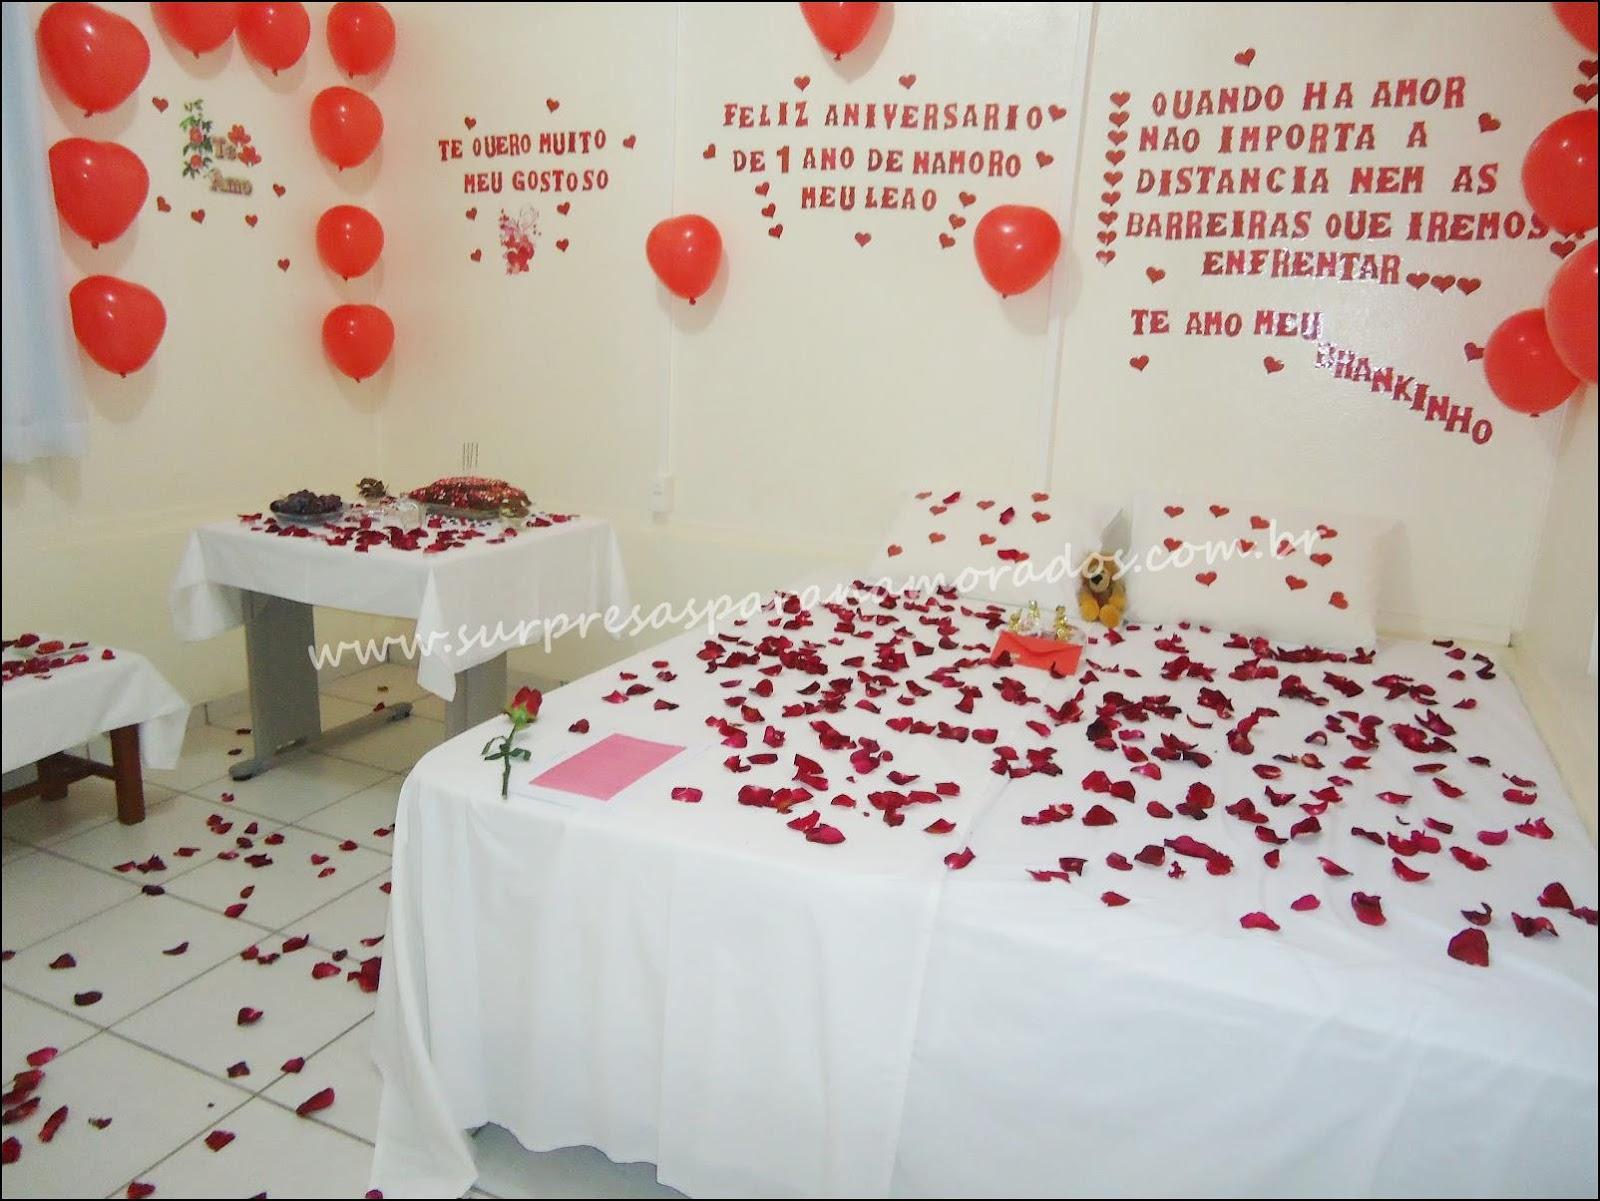 Frases Românticas Surpresas Para Namorados